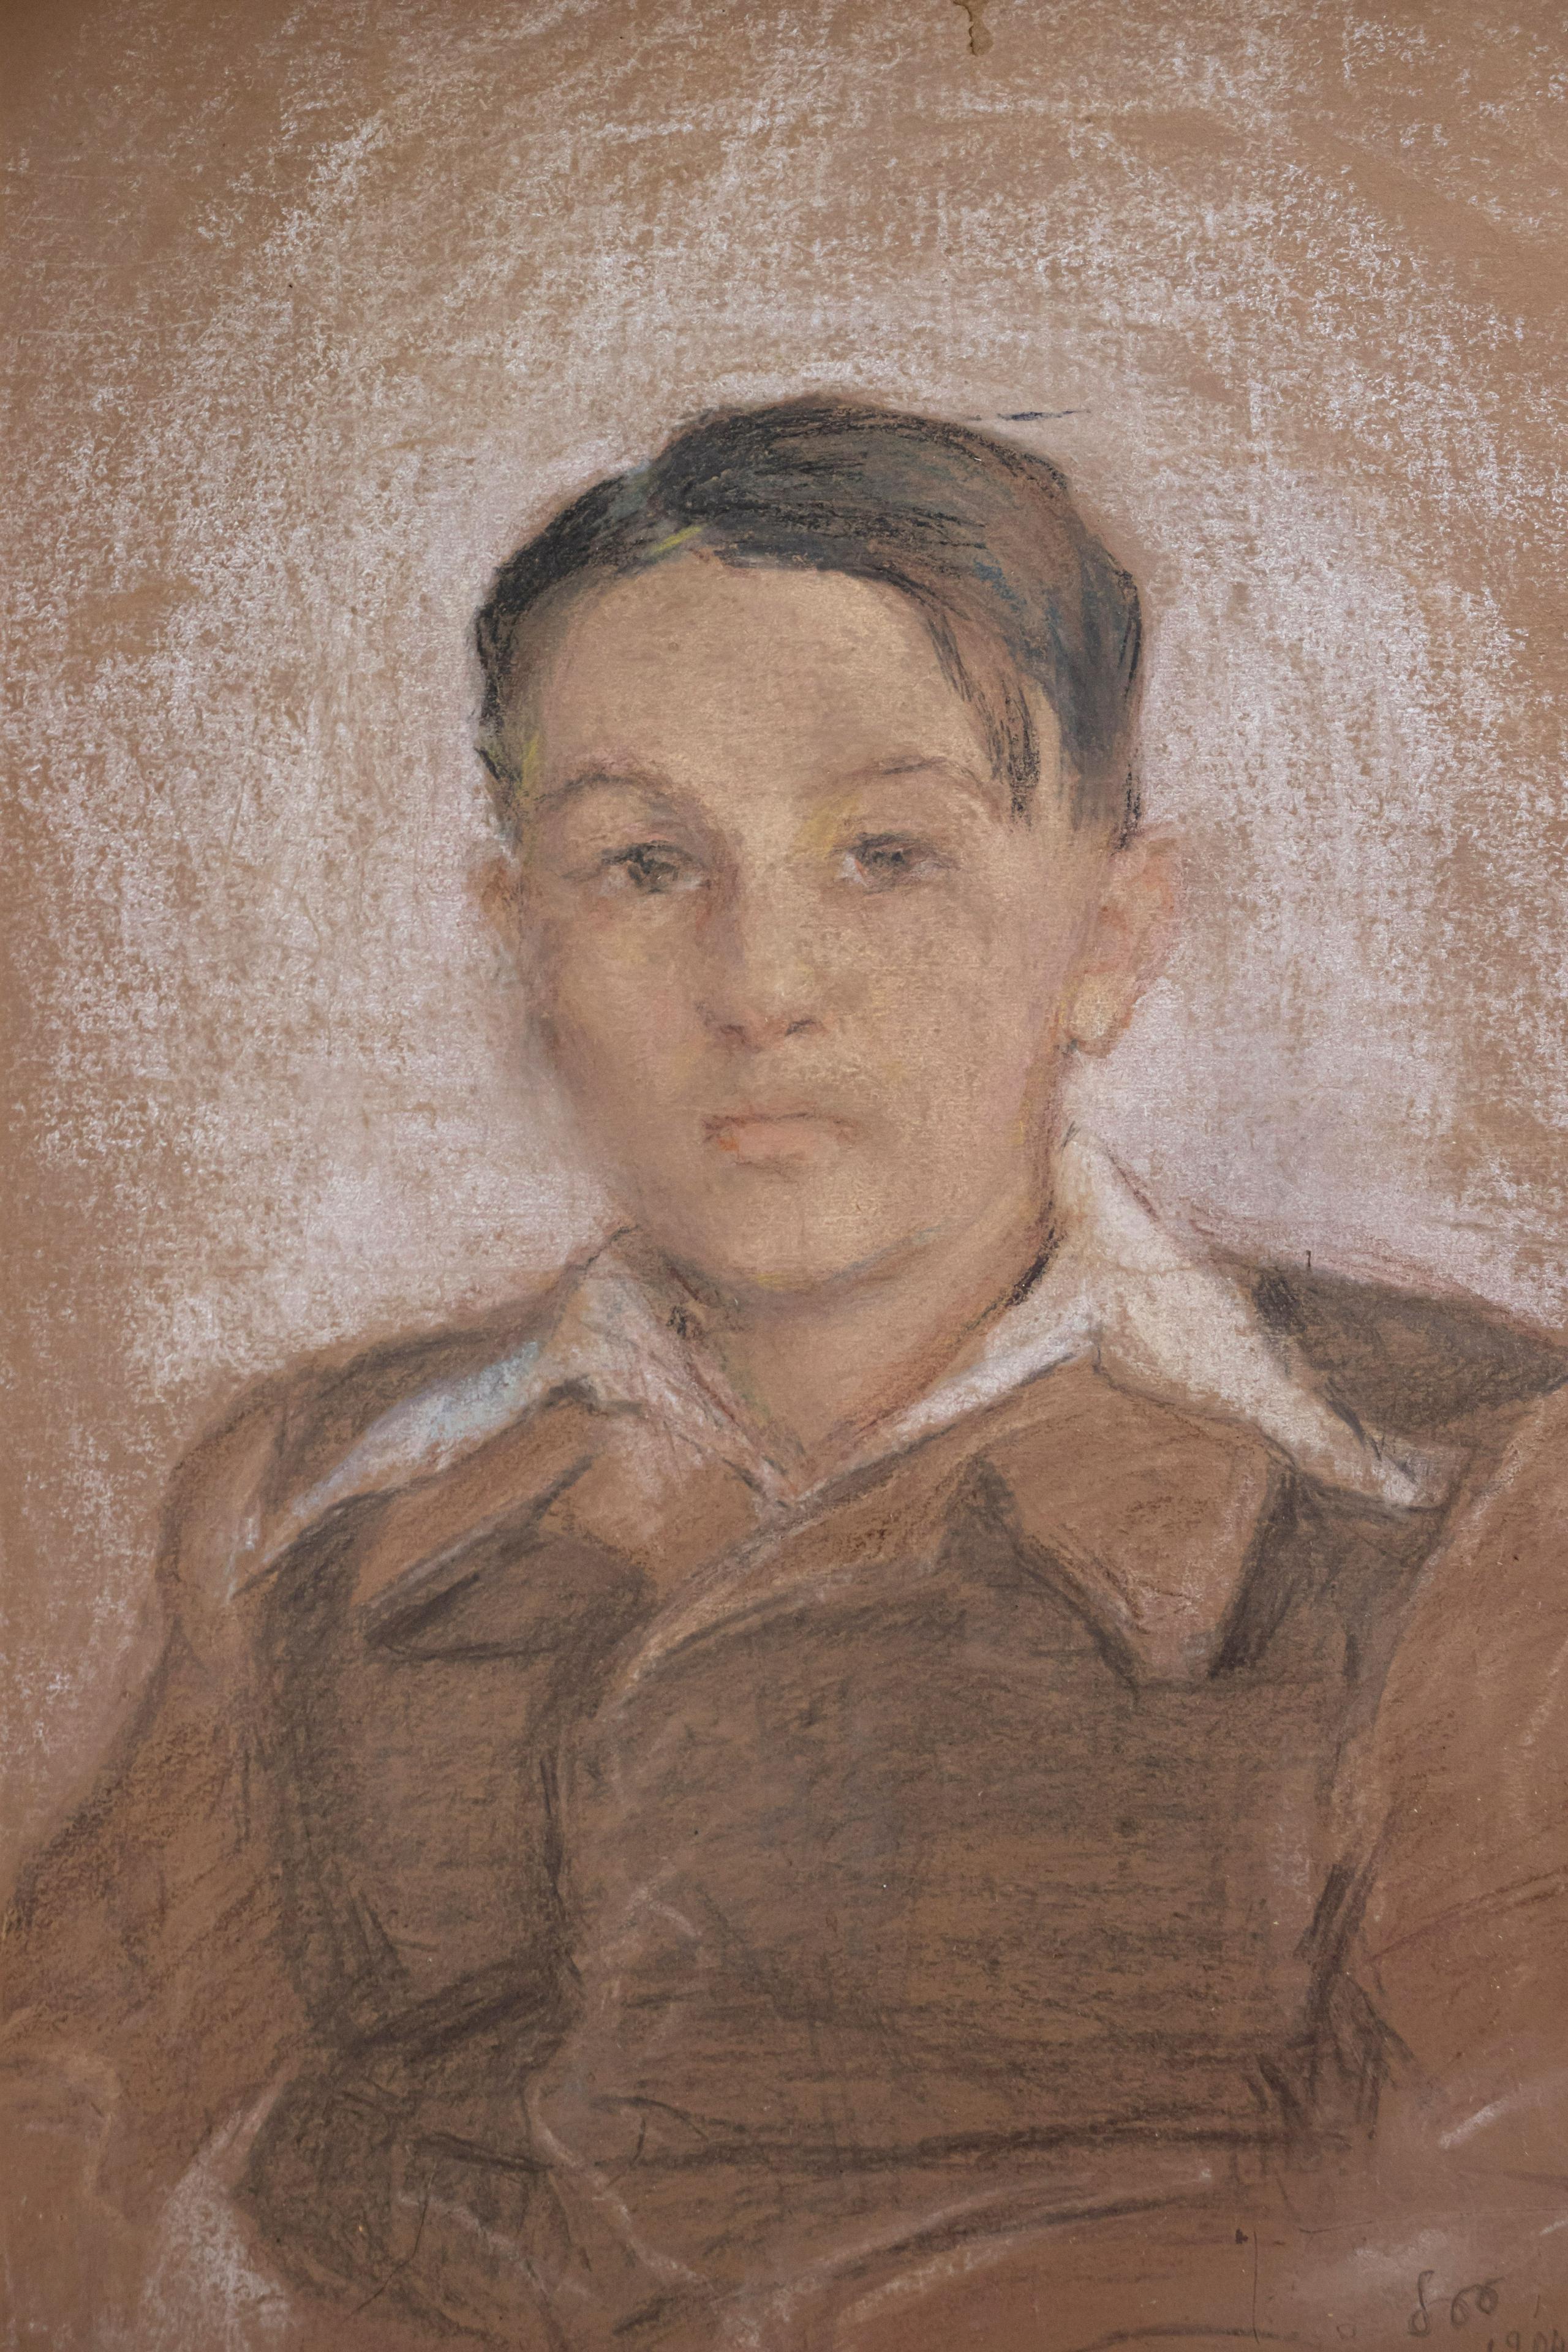 """Stanisław Wyspiański (1869-1907) """"Portret chłopca"""", źródło: Giorgio Auctions"""